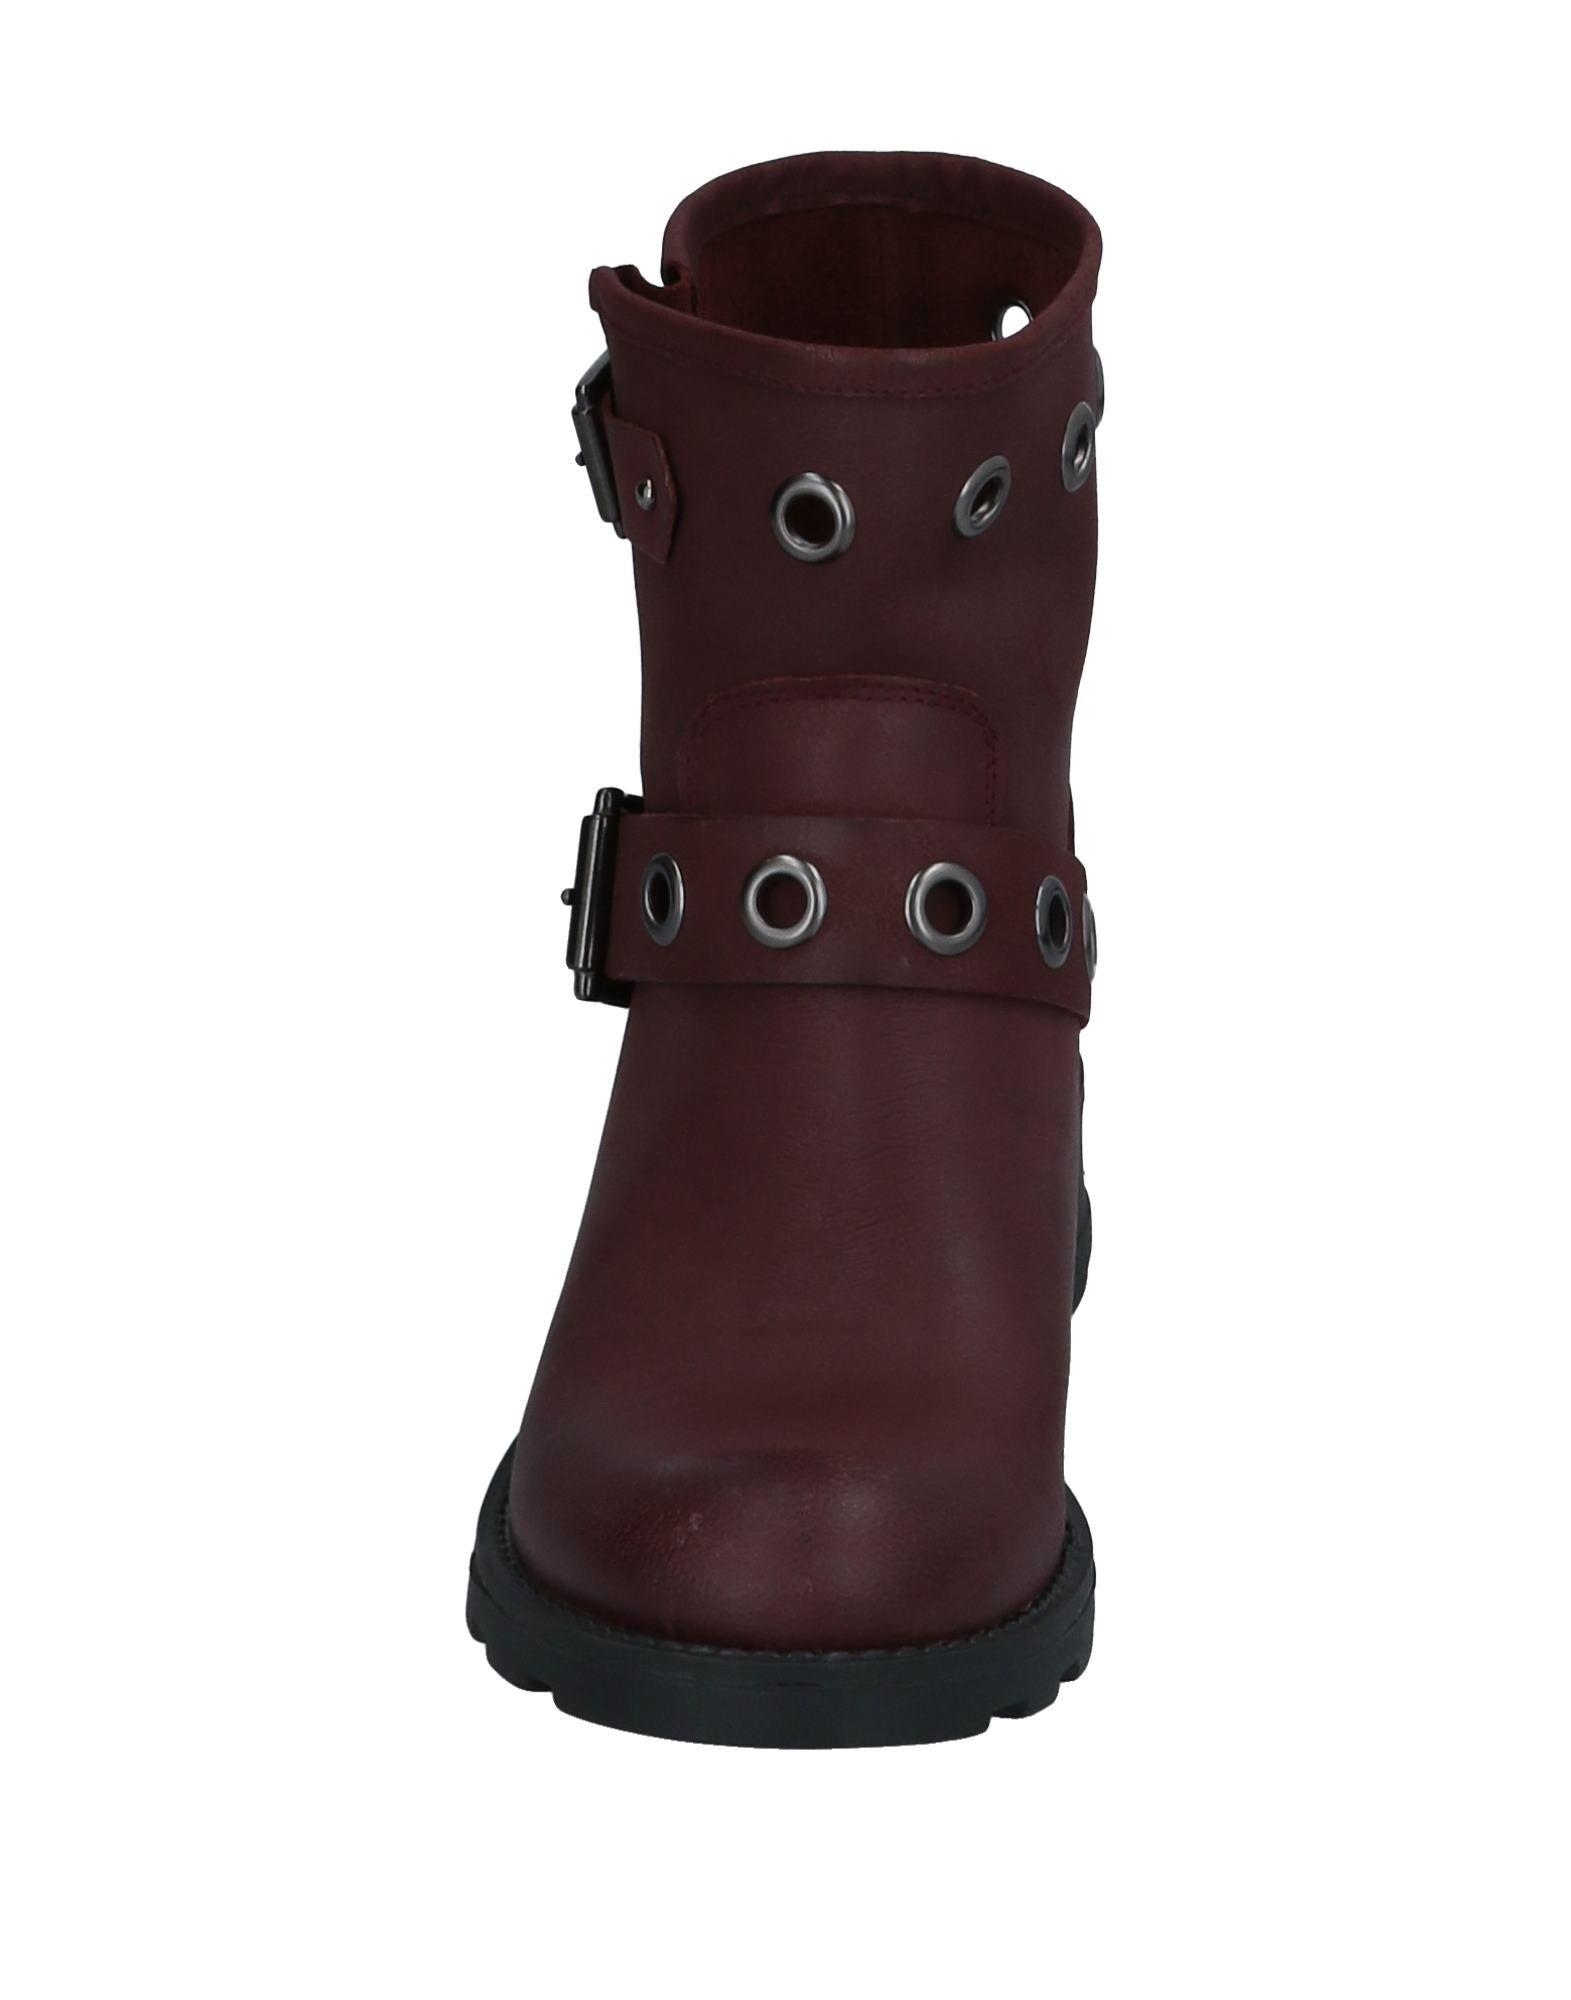 Unlace Stiefelette Damen  11528852CK Gute Qualität beliebte Schuhe